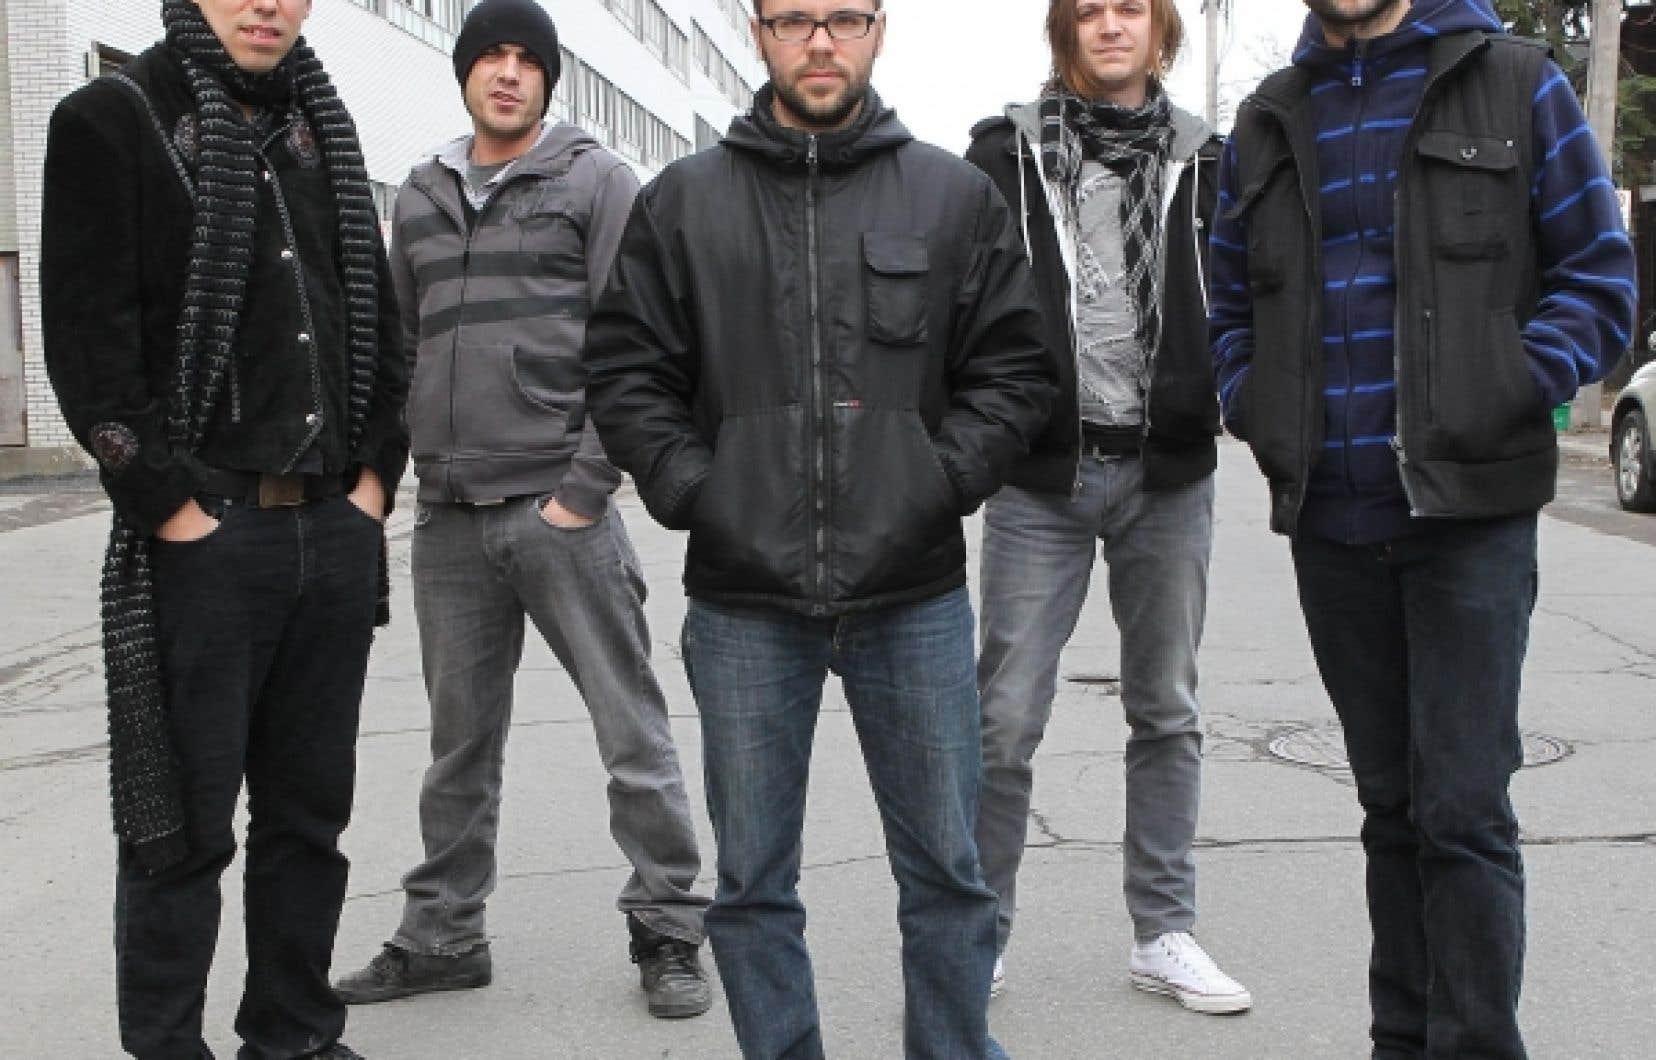 Karkwa, en mars 2010. Dans l'ordre habituel,Julien Sagot, Martin Lamontagne, Stéphane Bergeron, François Lafontaine et Louis-Jean Cormier.